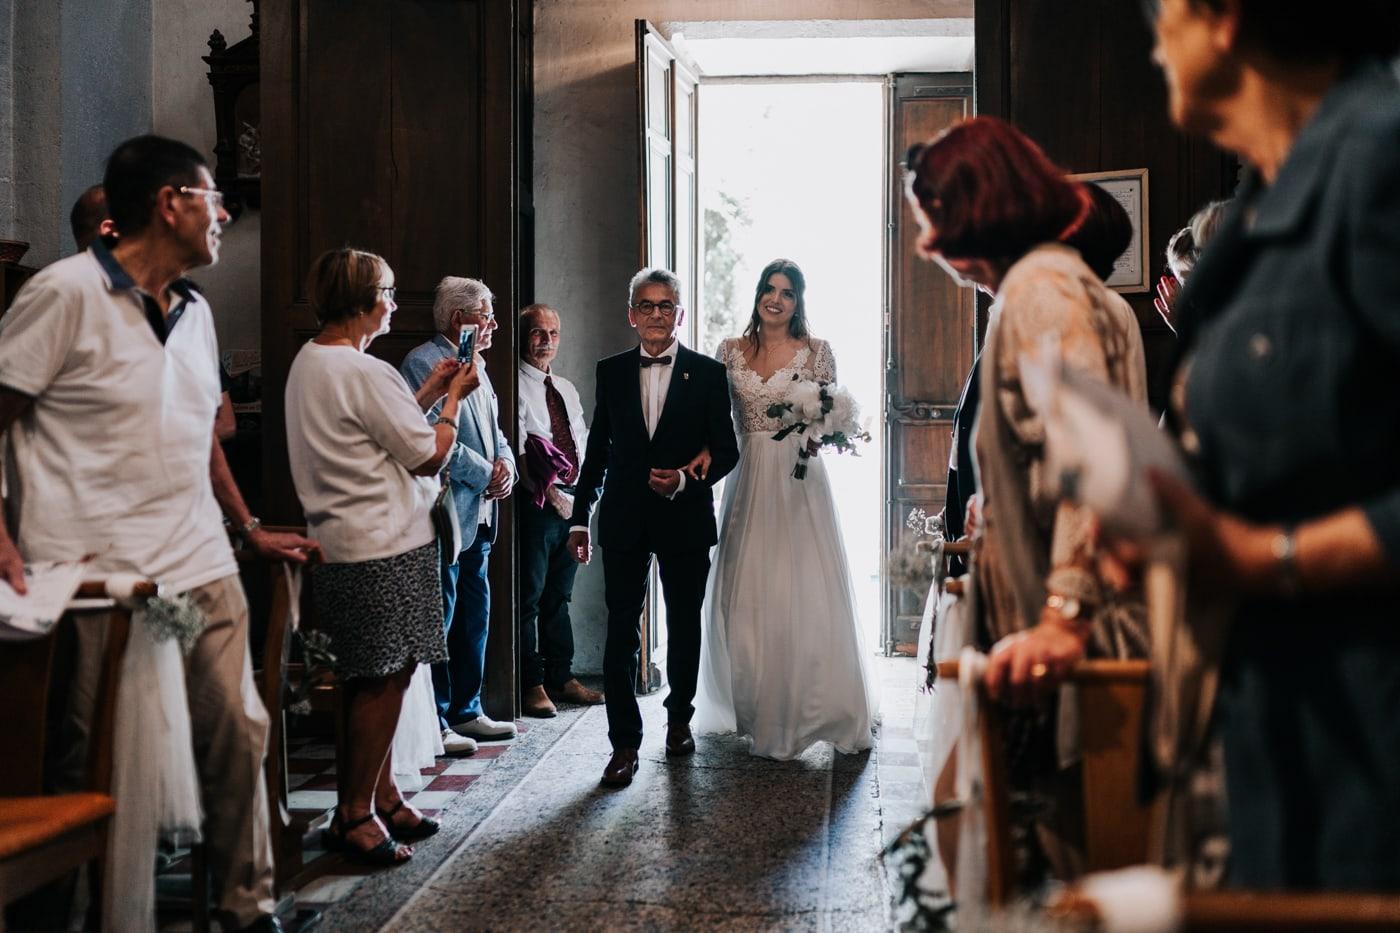 Entrée à L'église de jonquerette-Mariage chic et moderne sur l'ile de Barthelasse-Delphine Closse